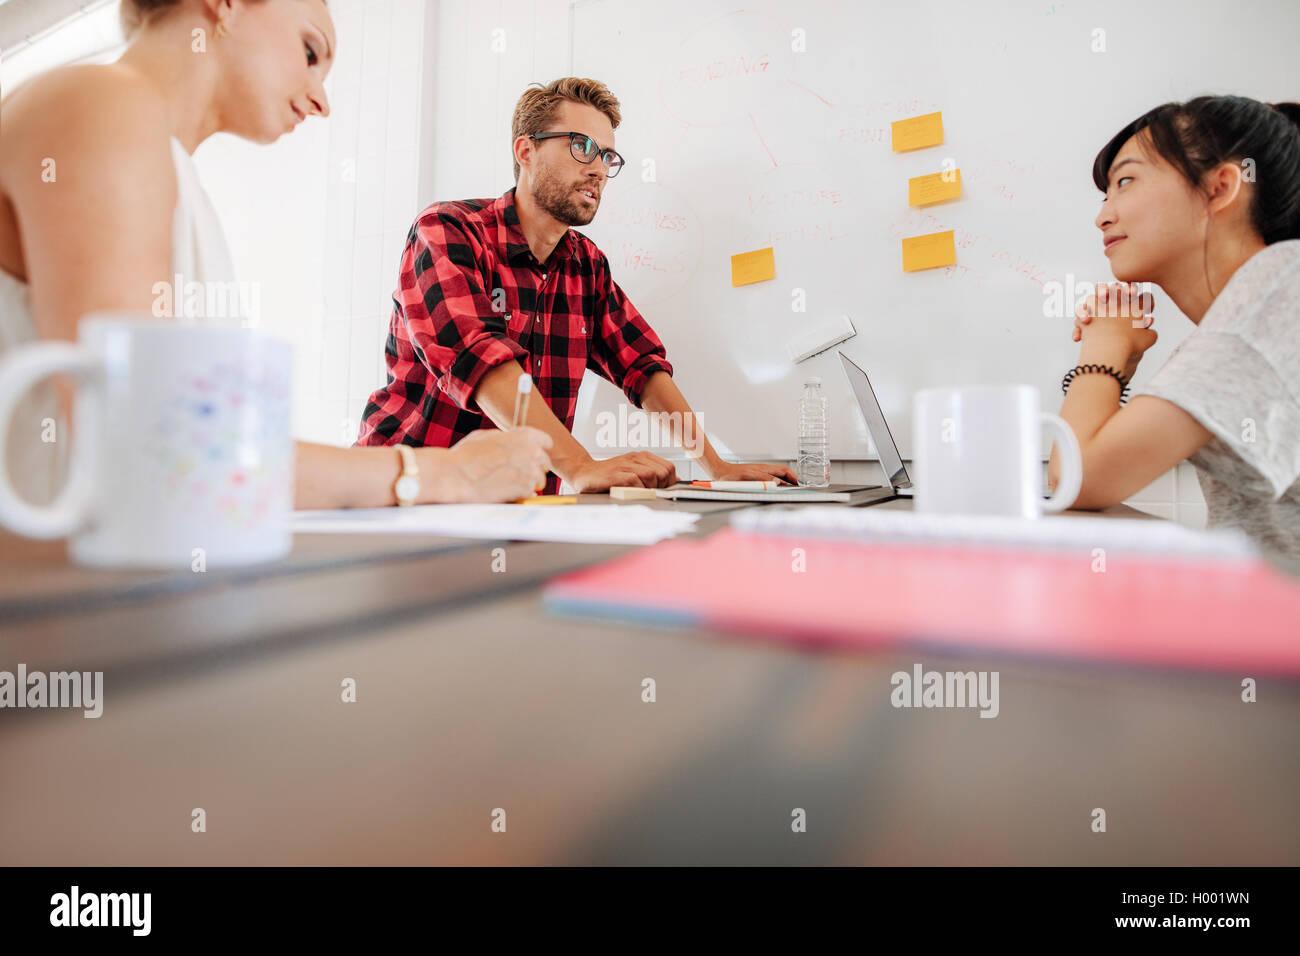 Grupo de ejecutivos de inicio para debatir nuevas ideas de negocios durante una reunión en el lugar de trabajo Imagen De Stock